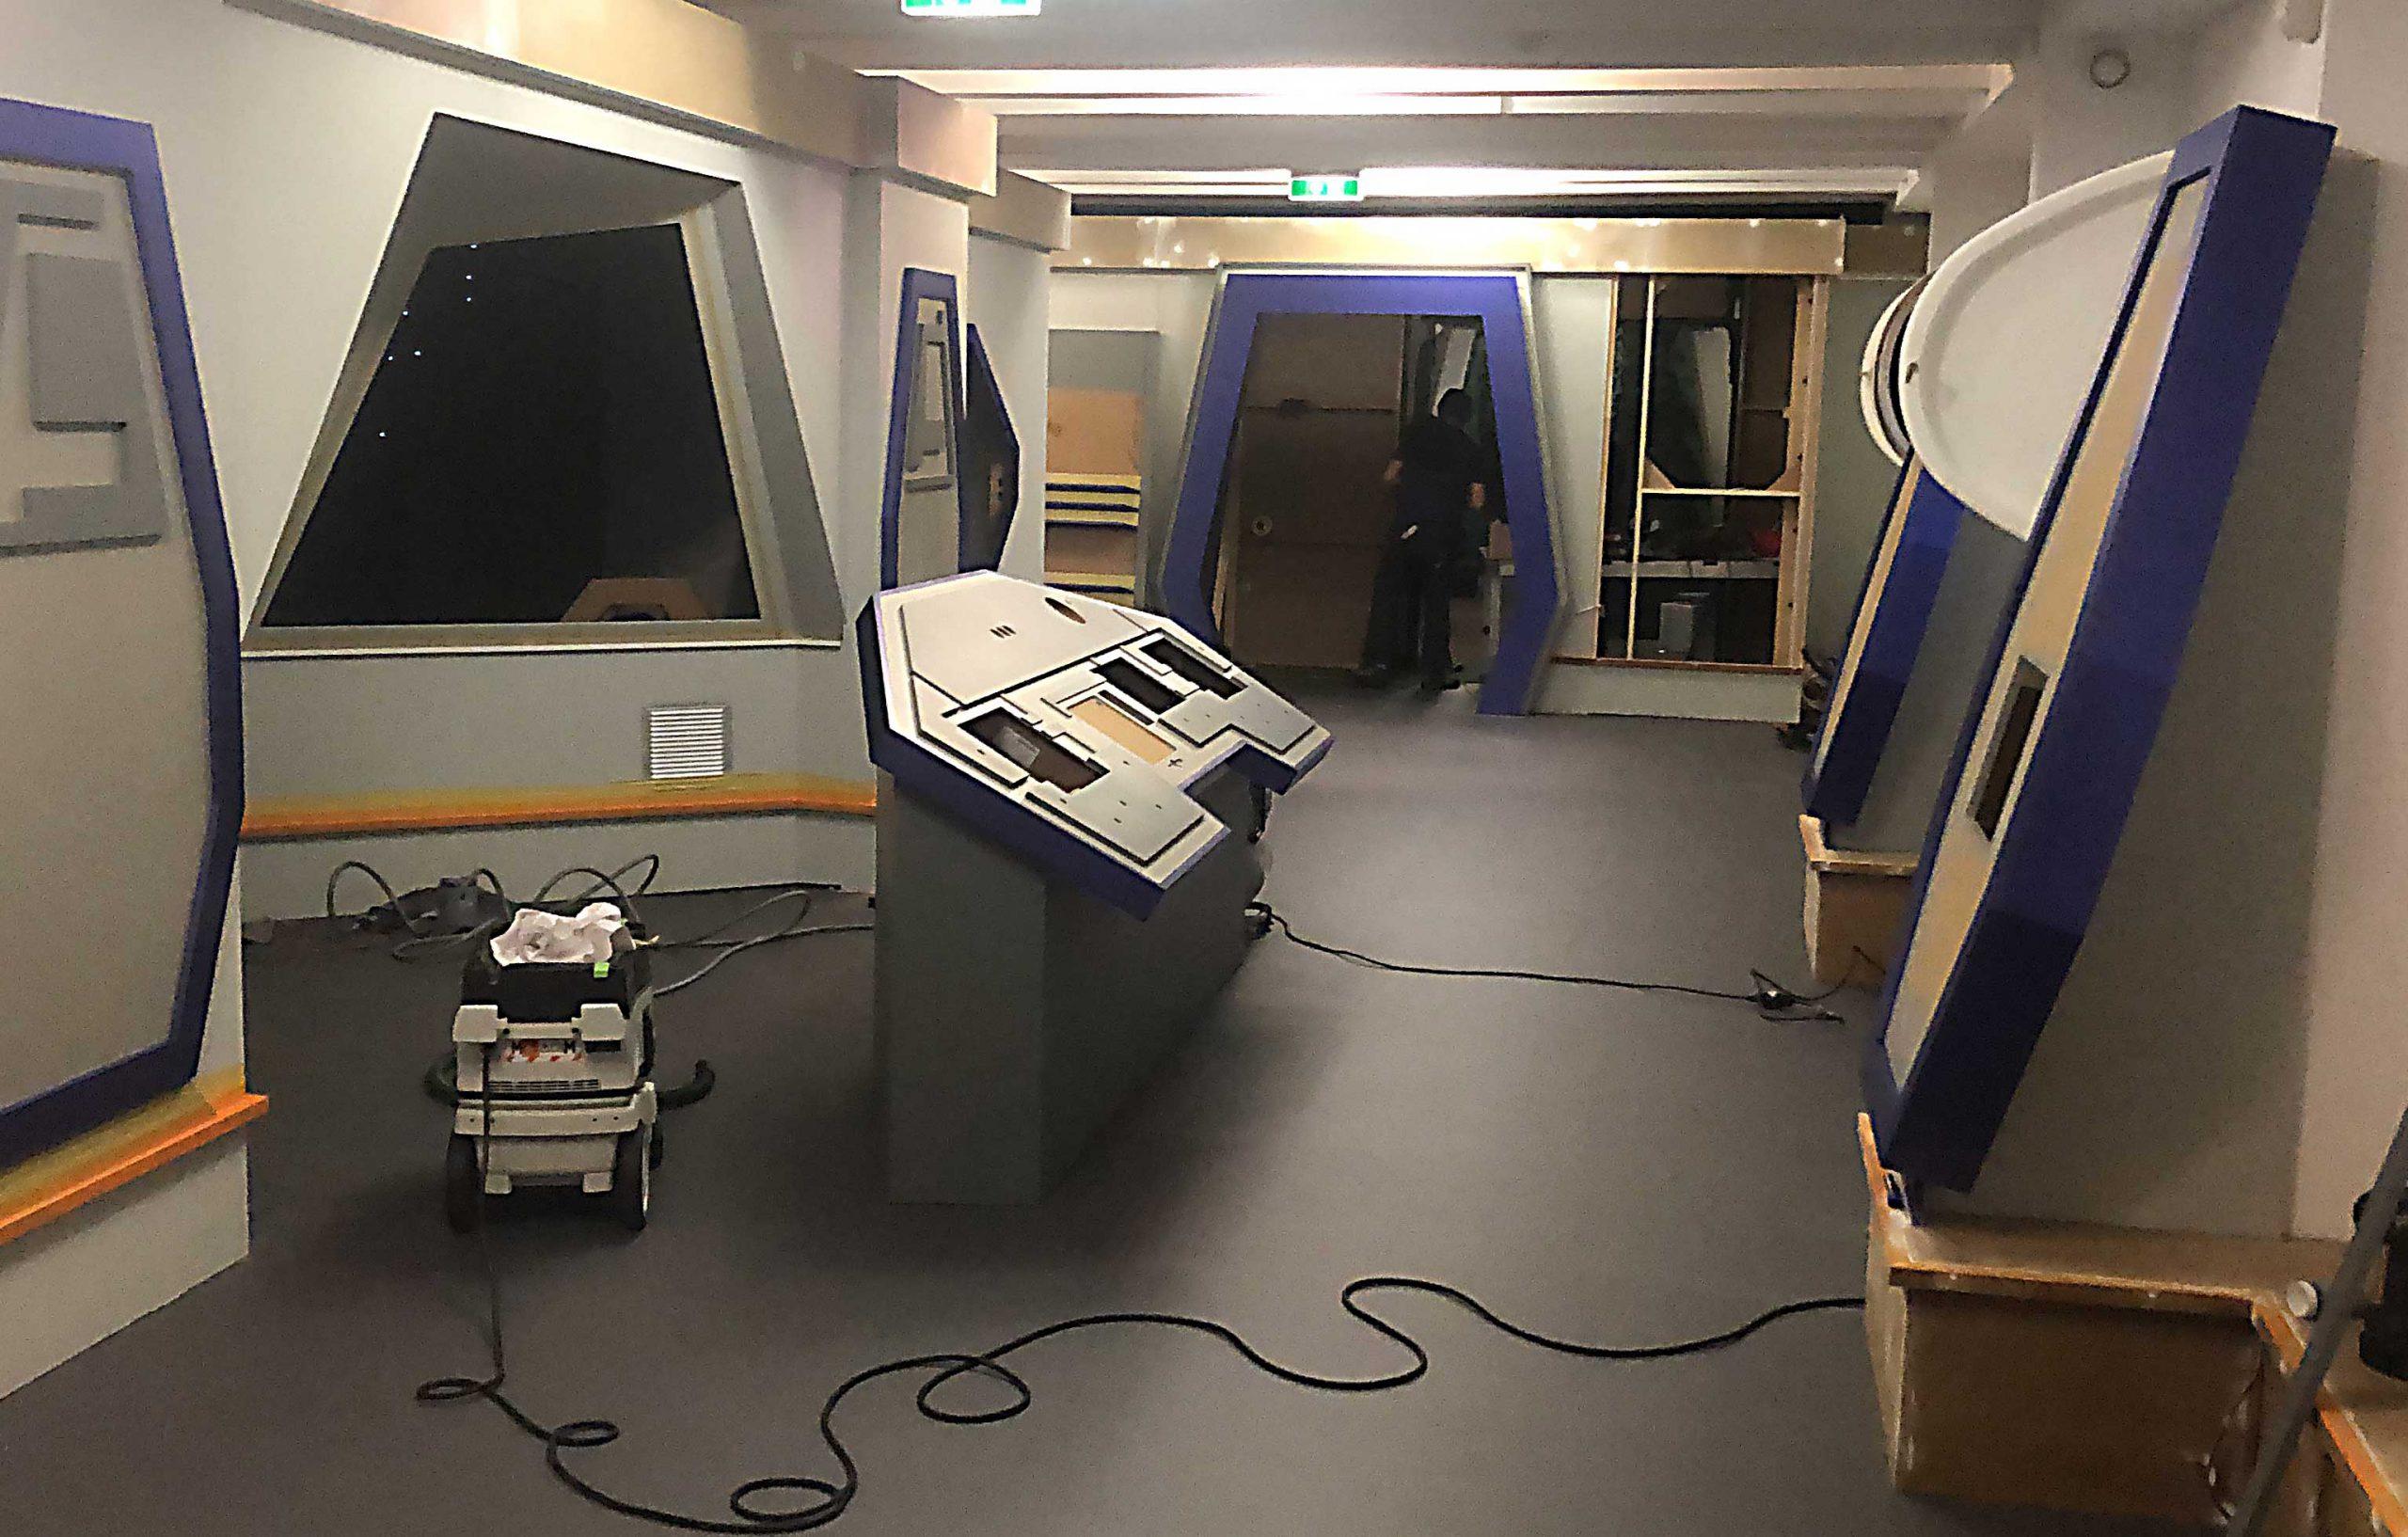 Der Aufbau der Sandmann-Ausstellung. Ein Raum mit rautenförmigen Fenstern, einem Bedienpult und anderen individuell gefertigten Ausstellungselementen.